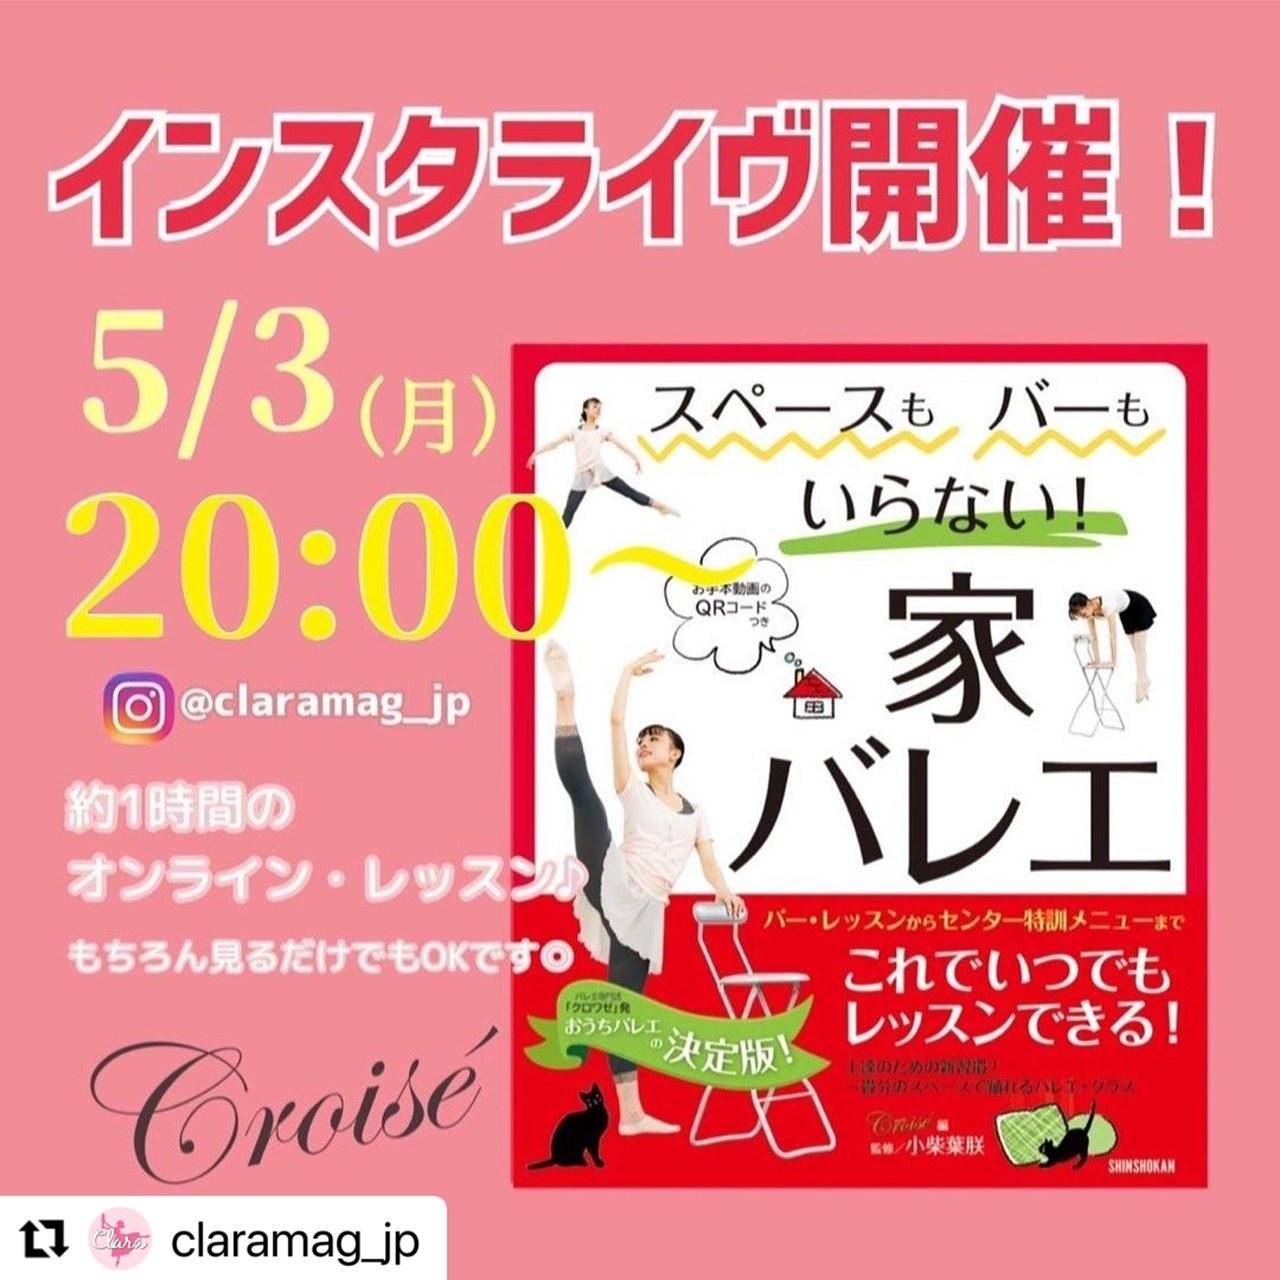 新書館より「インスタライブ開催!」_e0302764_16203671.jpg